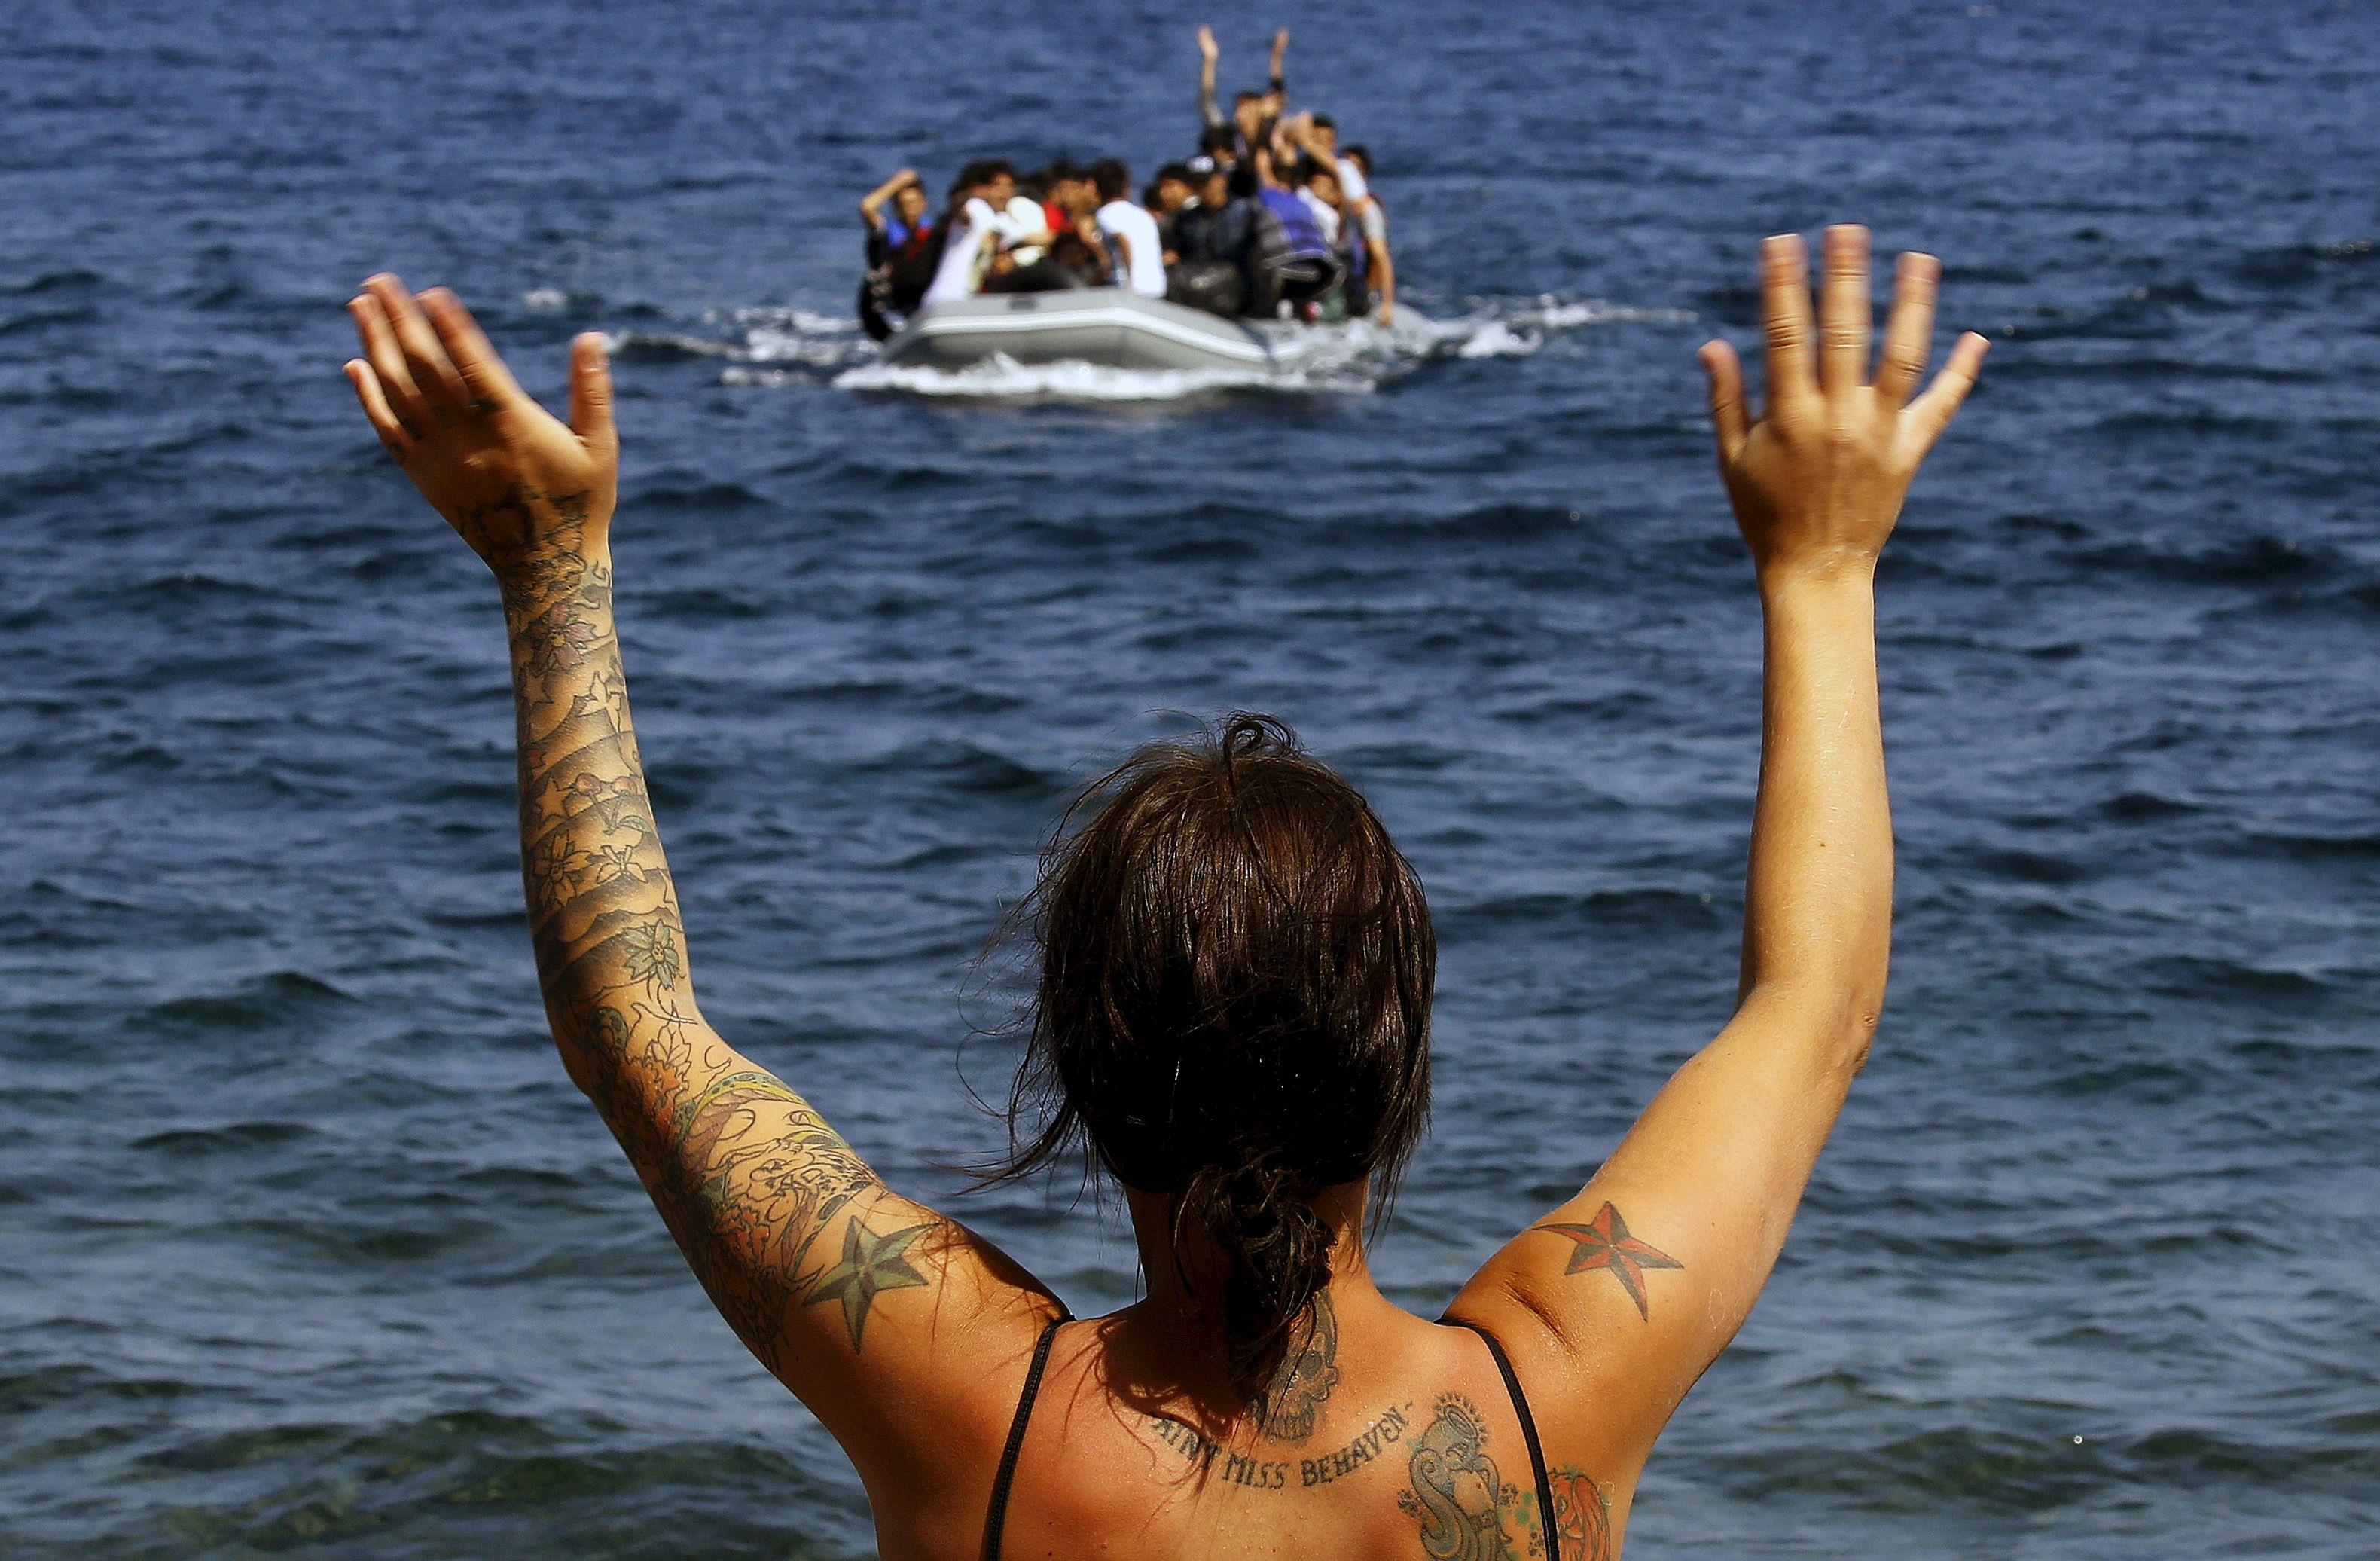 Des migrants se font passer pour de faux réfugiés syriens pour entrer en Europe